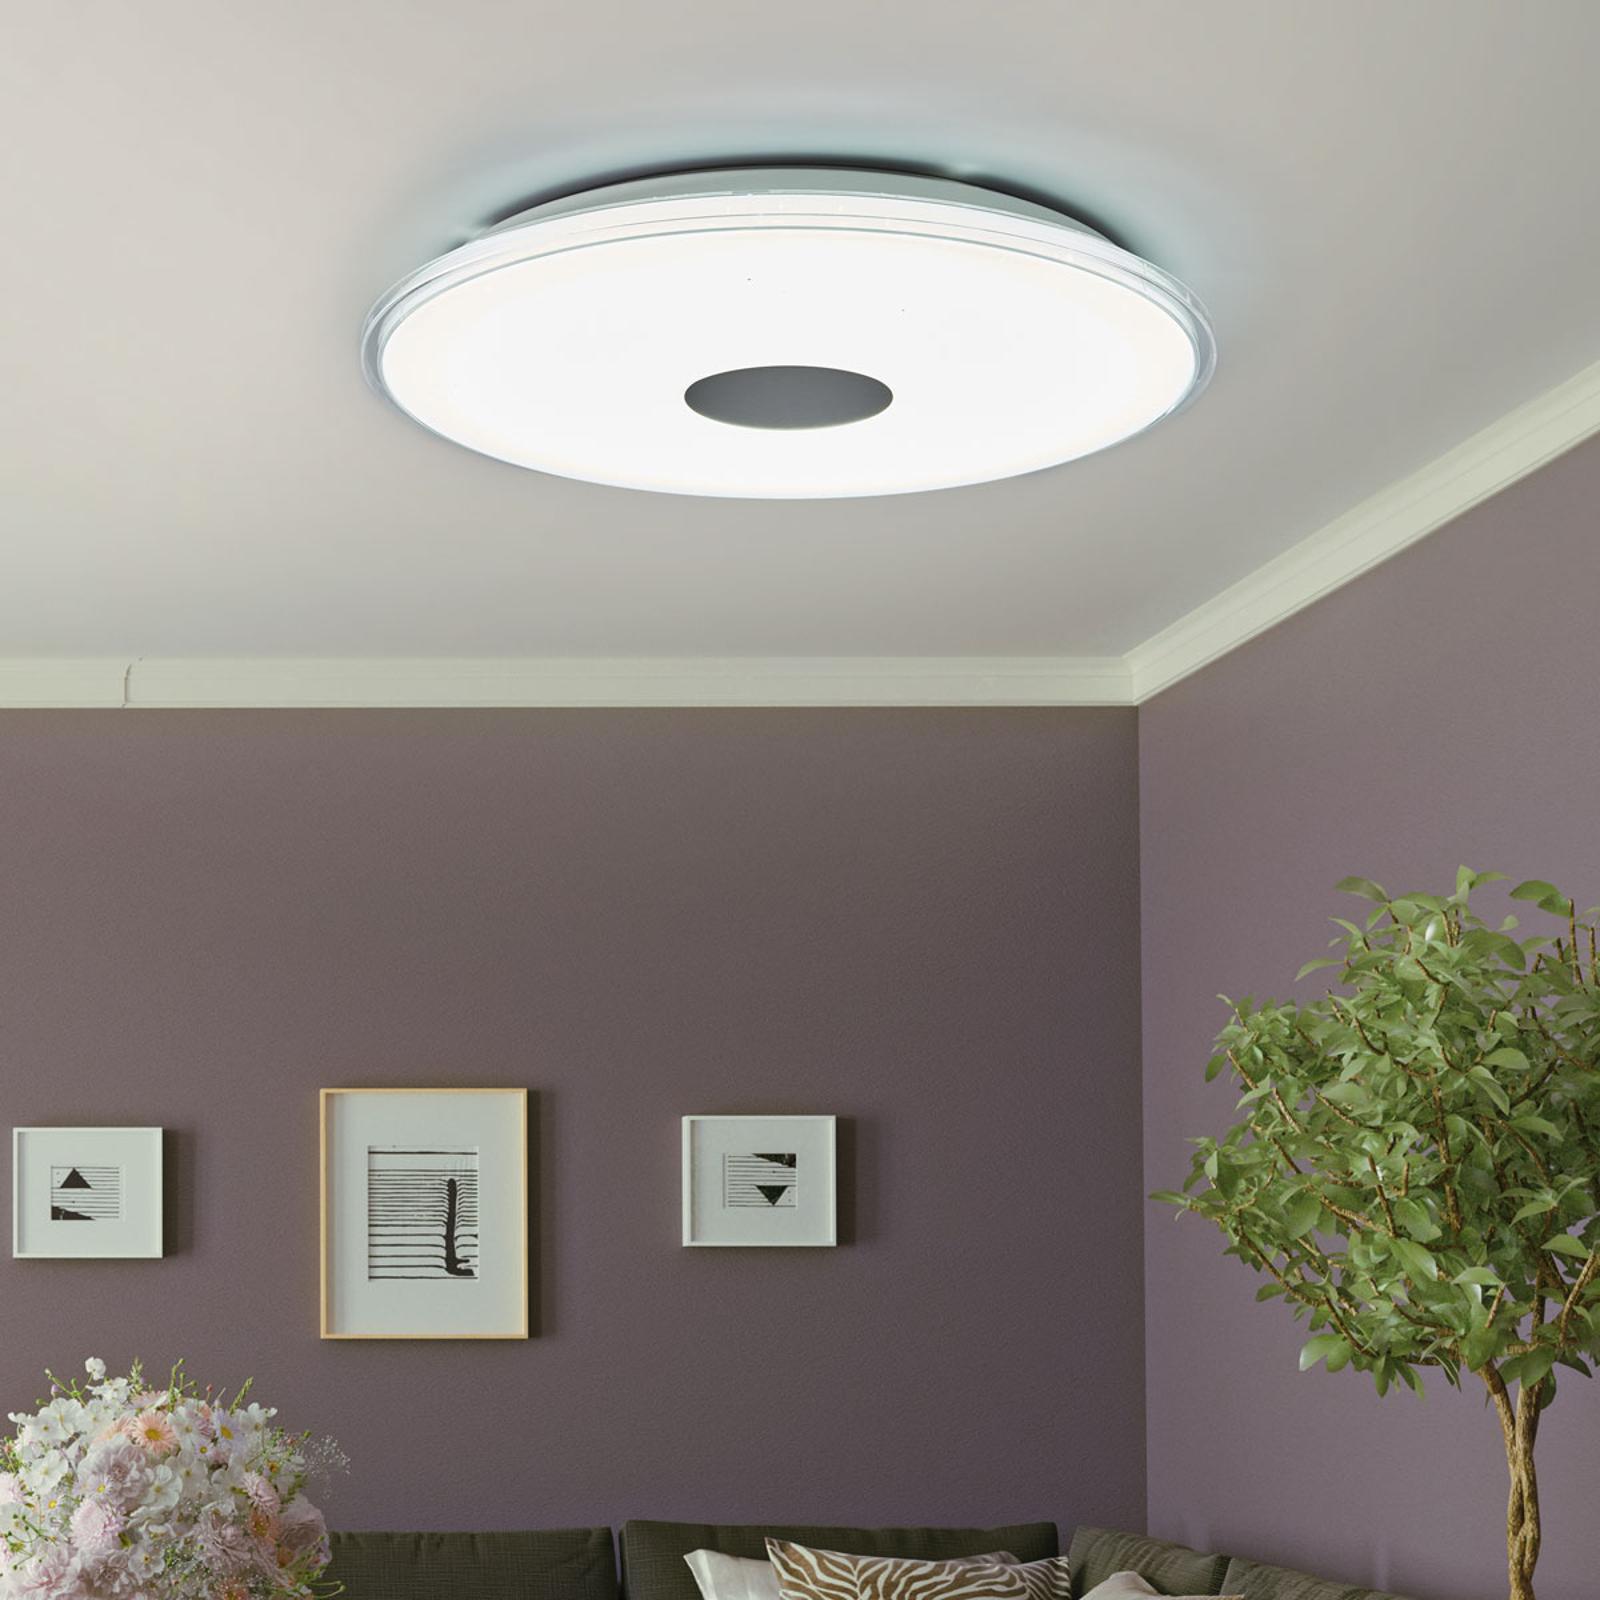 Rund LED taklampe Shogun med strålende utseende